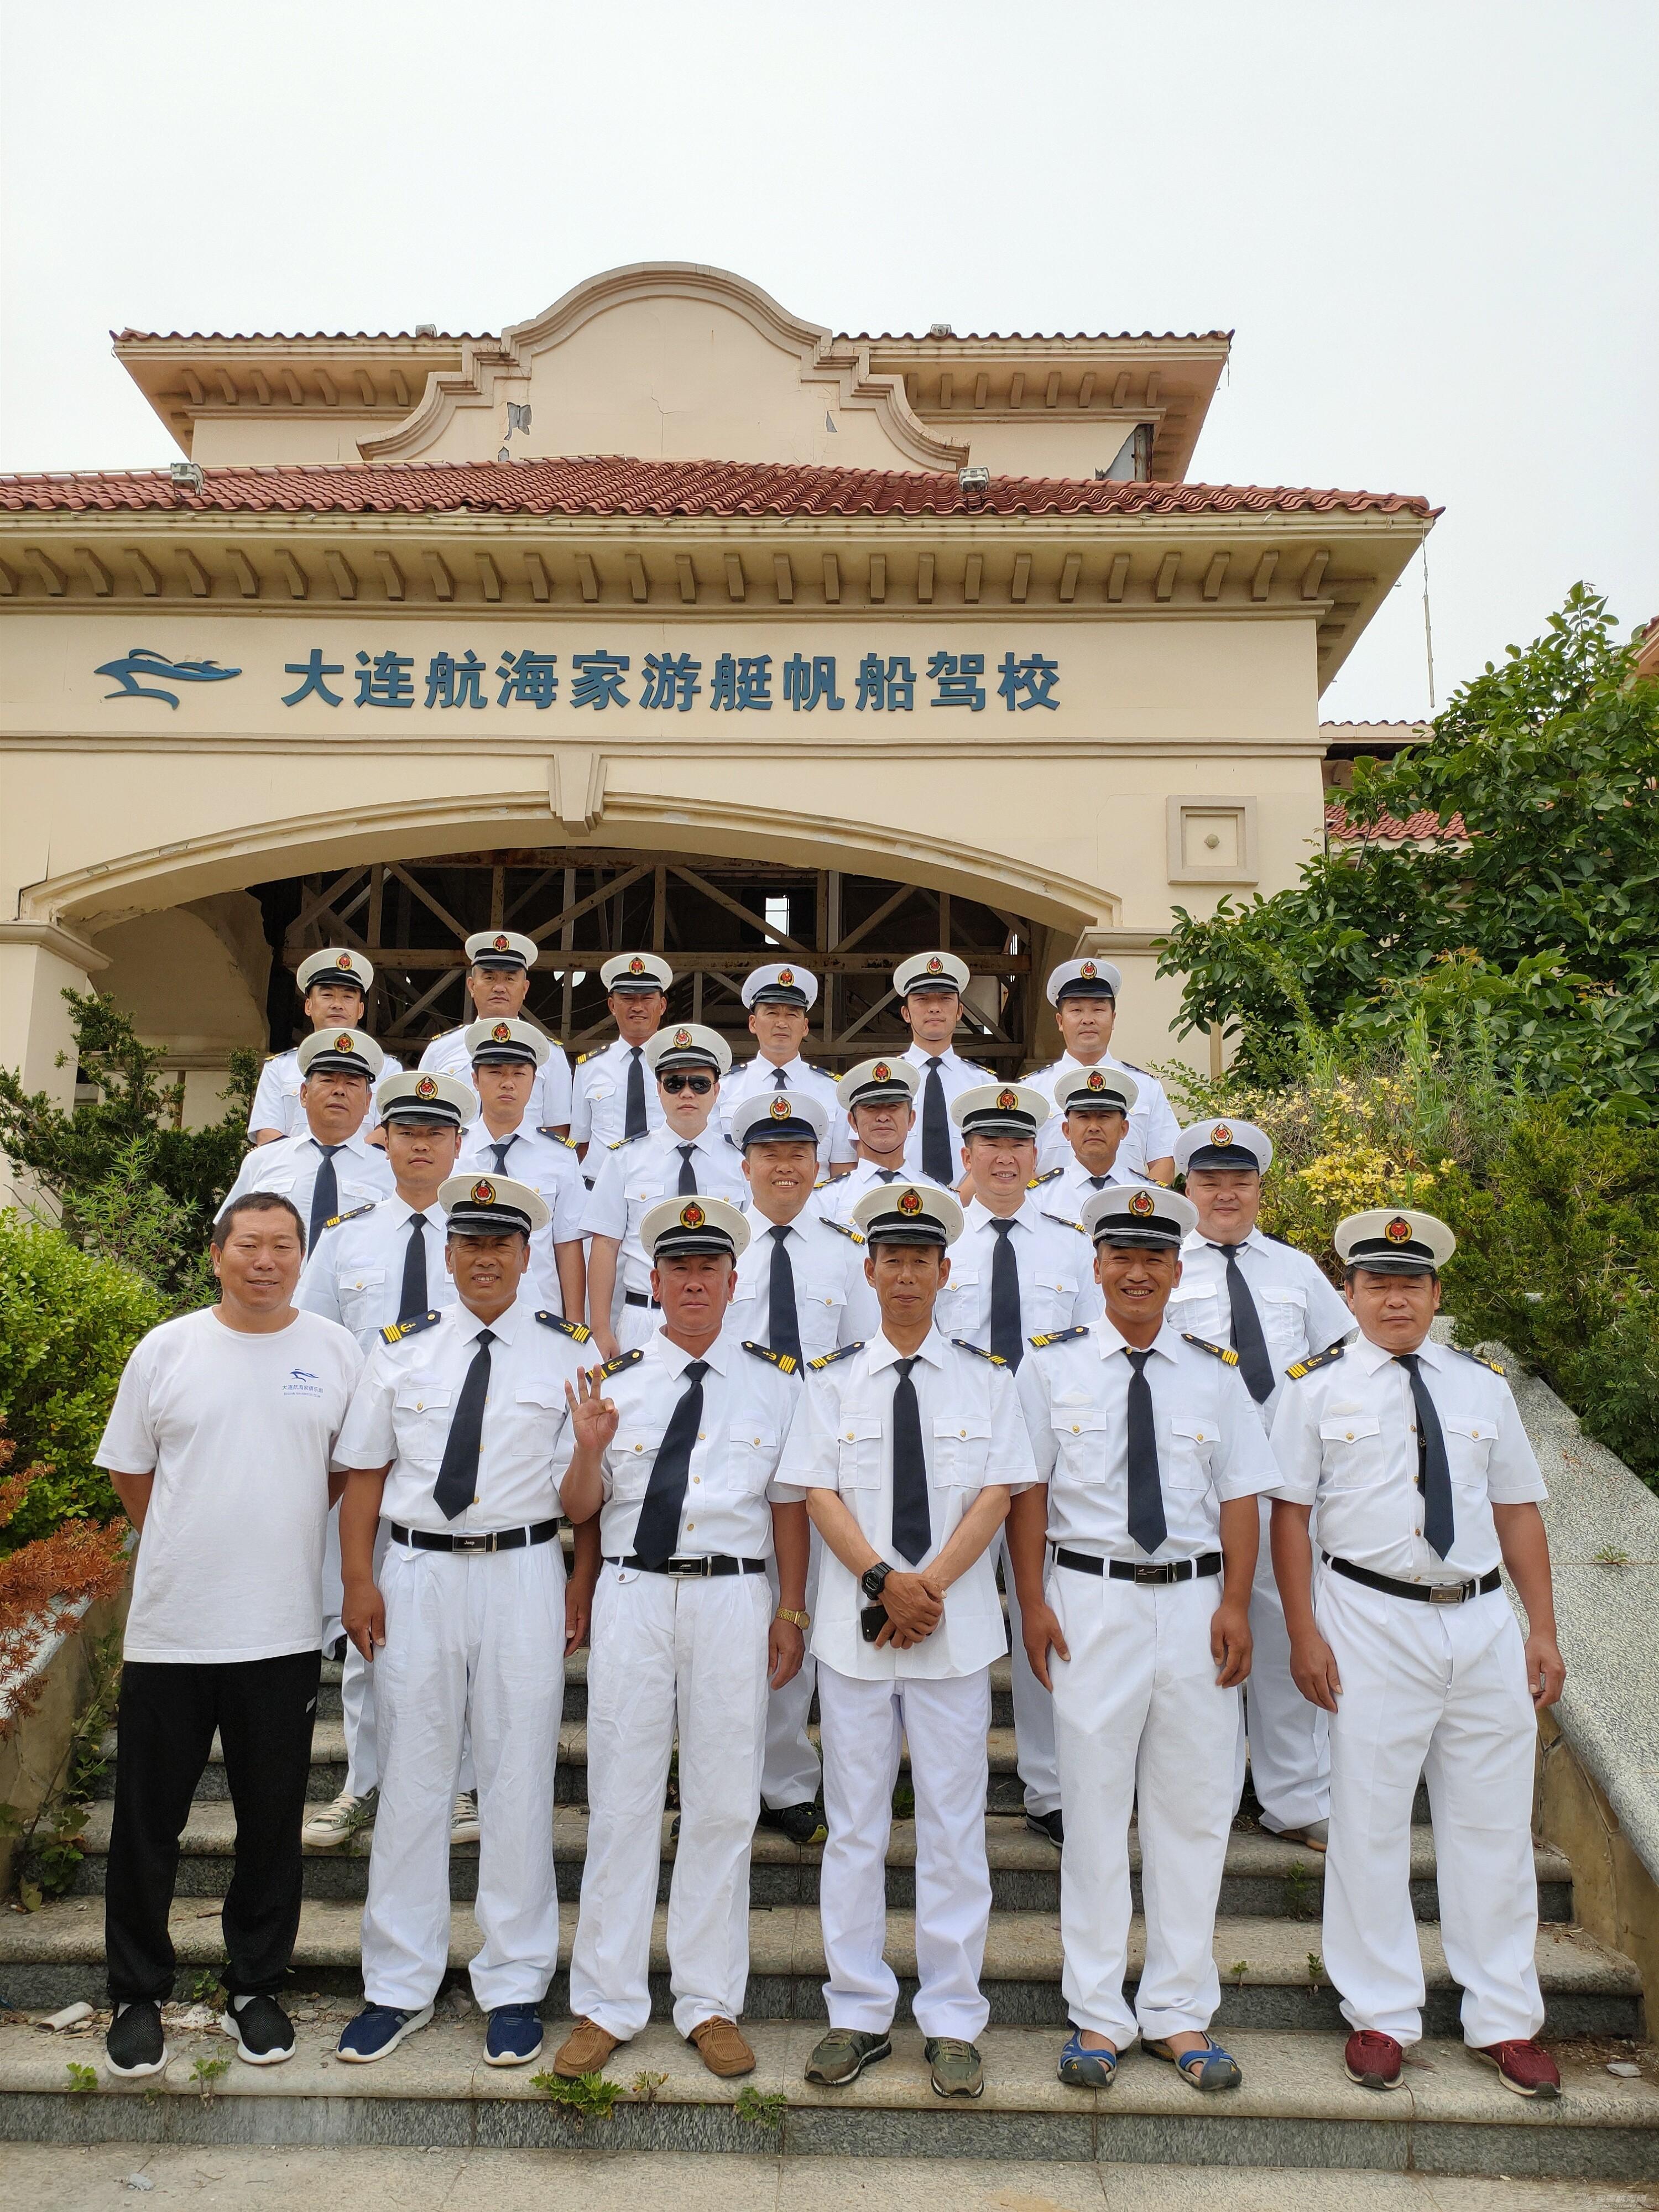 我们,开班,游艇,时间,也是 守得云开见月明,游艇驾校开班了  210832d7lzjllx115g081o